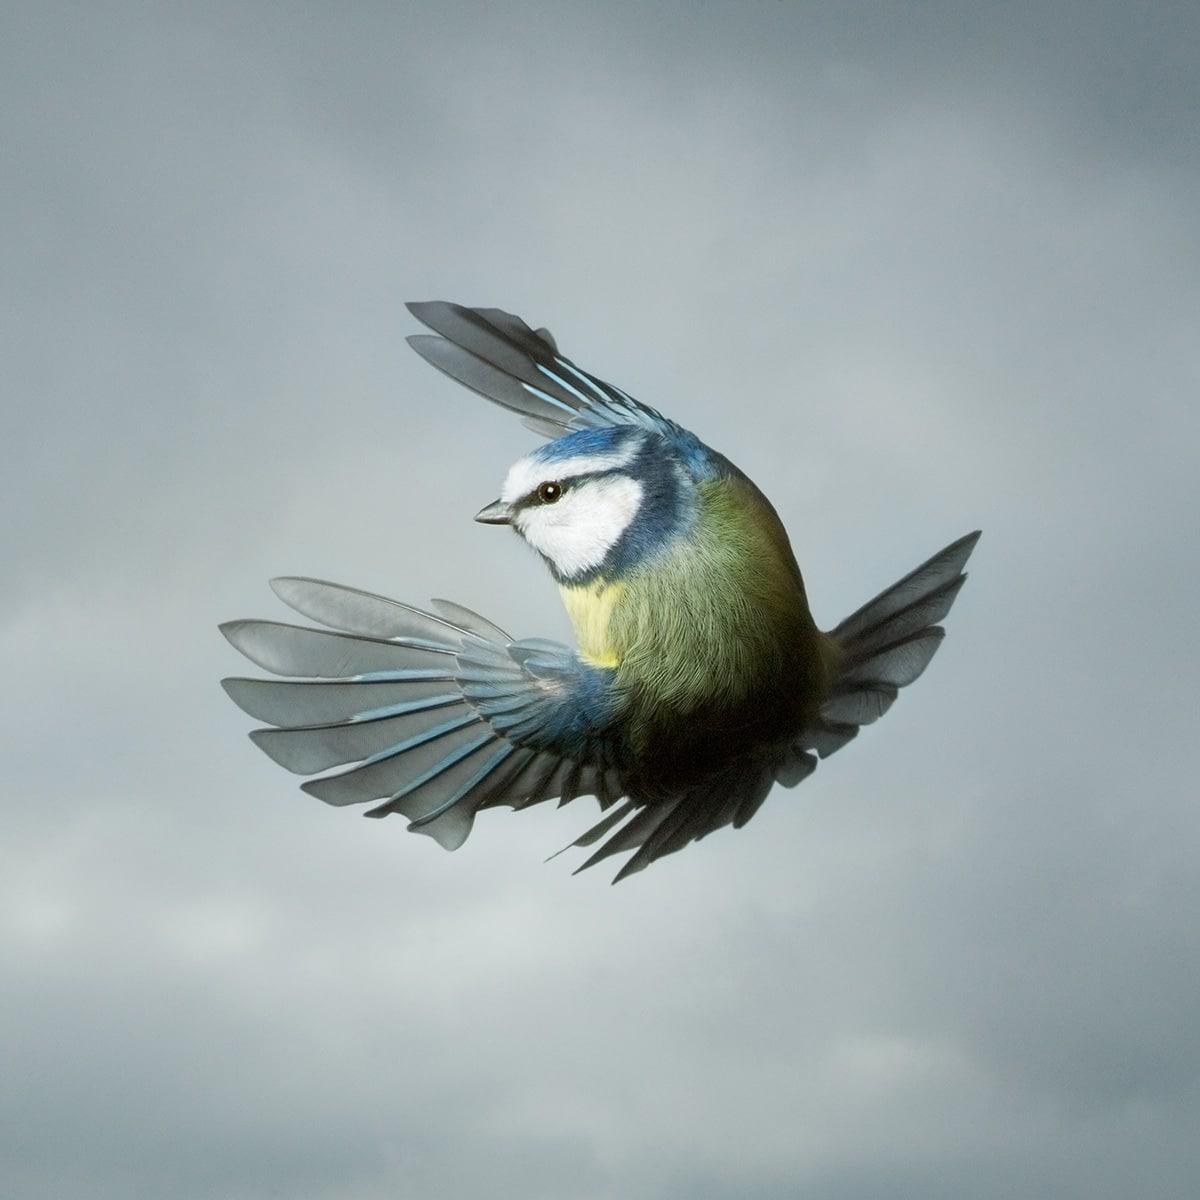 Blue Tit in Flight by Mark Harvey